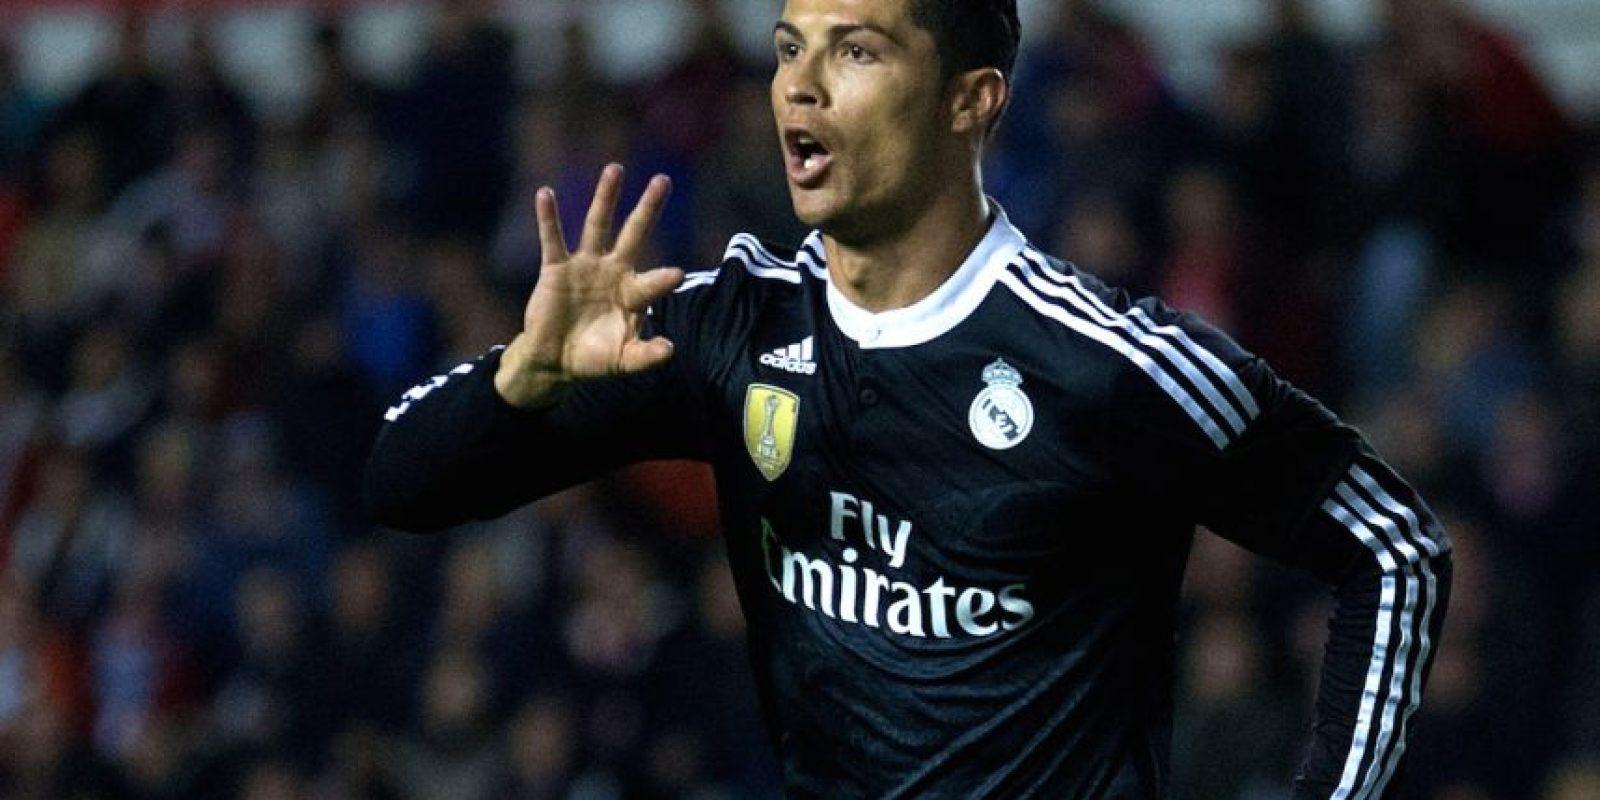 Cristiano Ronaldo celebró una gol de manera polémica otra vez. El portugués marcó ante el Rayo Vallecano y le dedicó el festejo al juez de línea. Foto:Getty Images